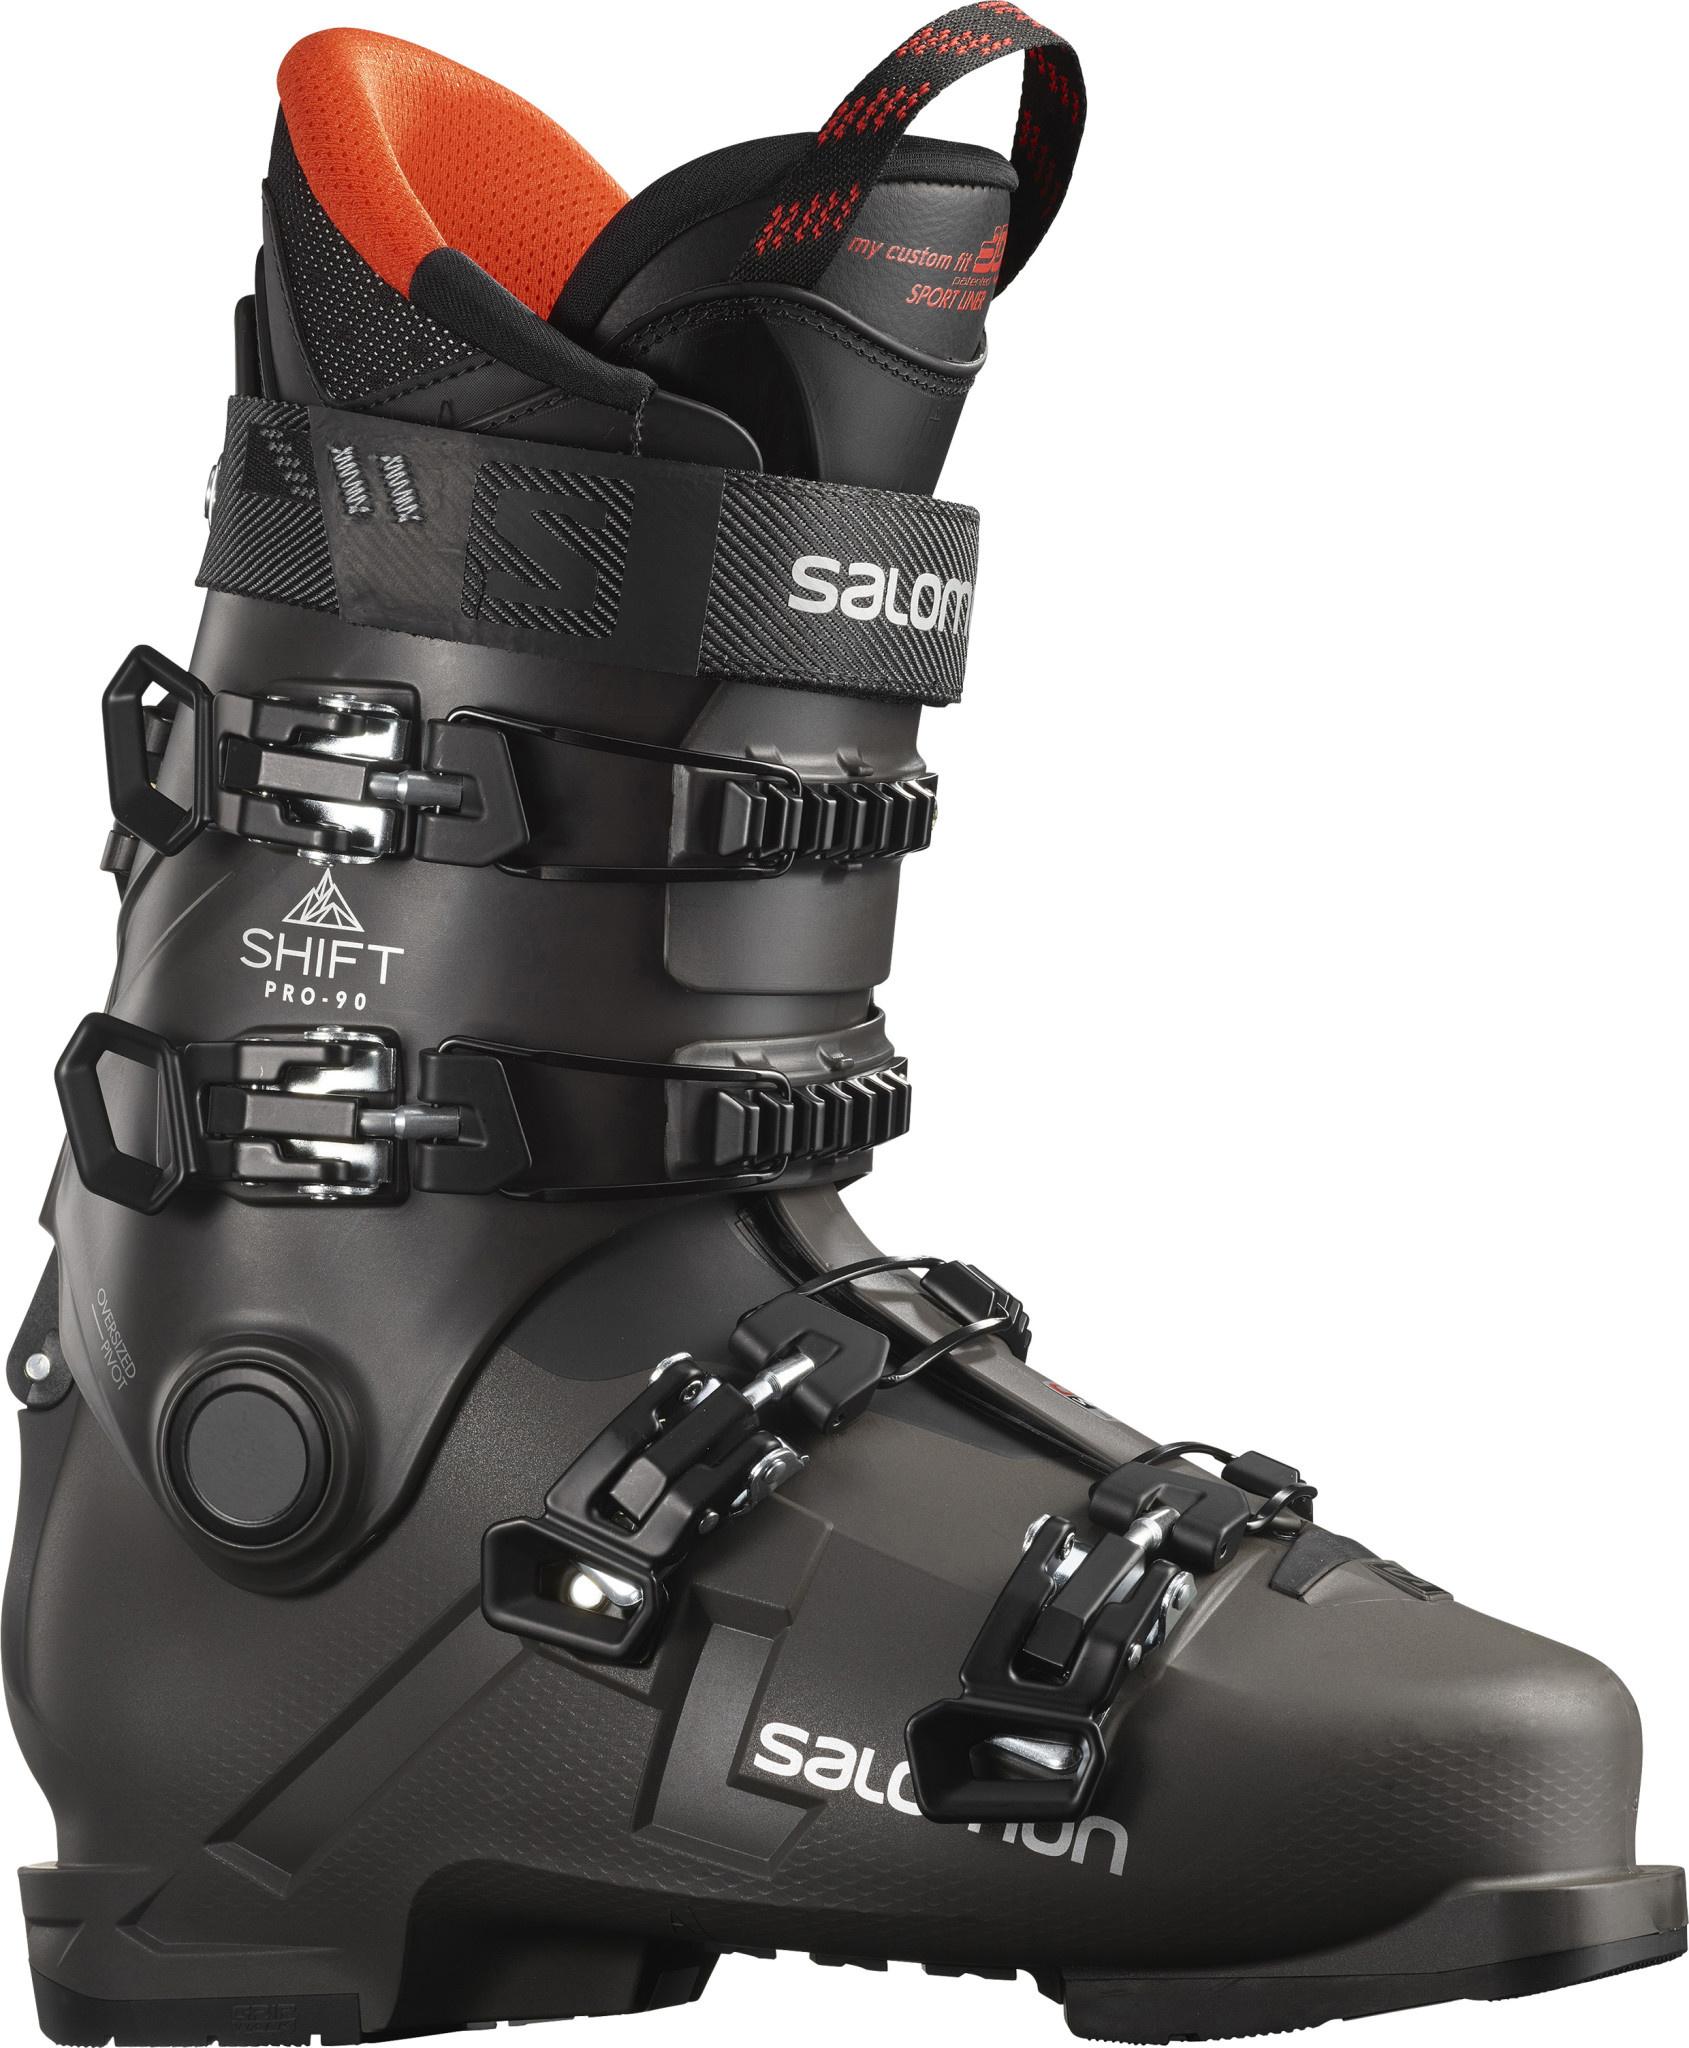 Salomon Ski Salomon Men's Shift Pro 90 Ski Boot (2021)